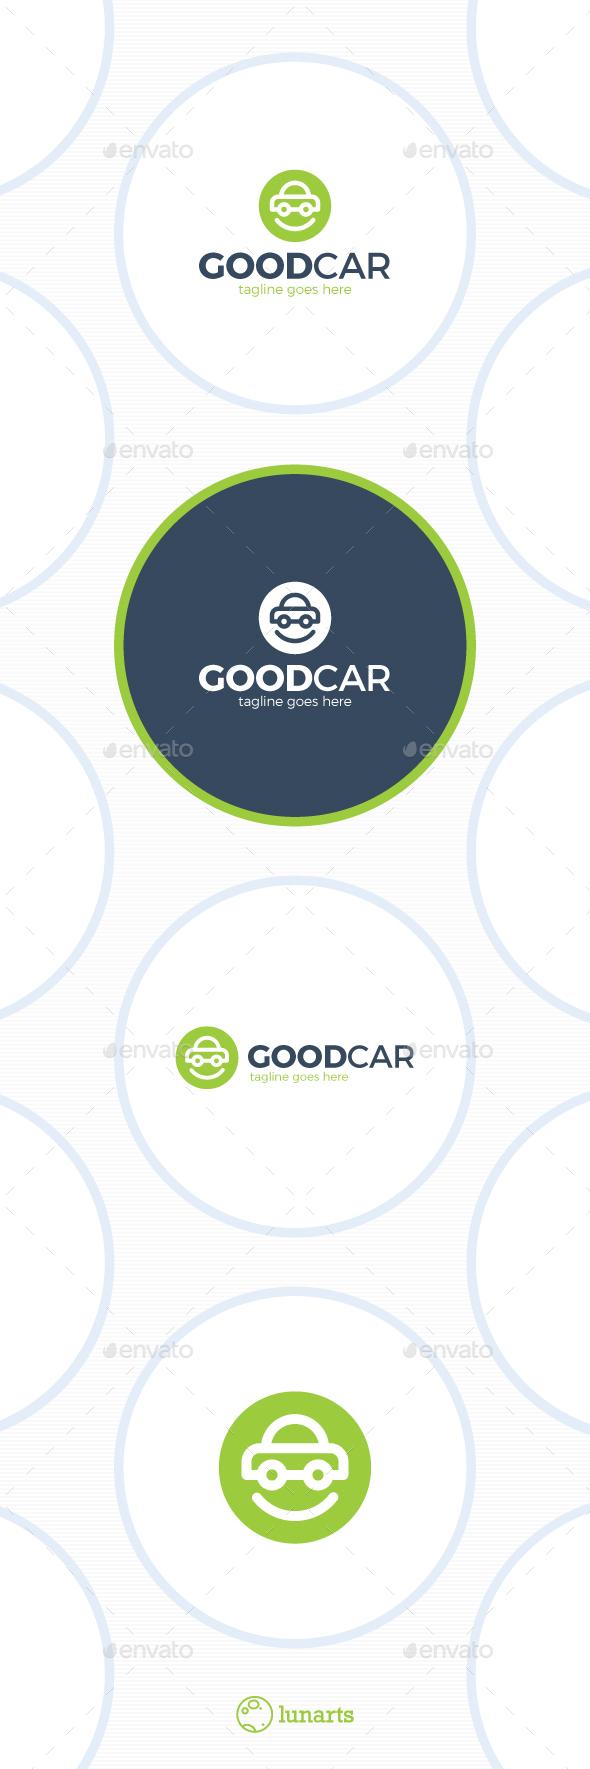 Smile Car Logo - Good Auto